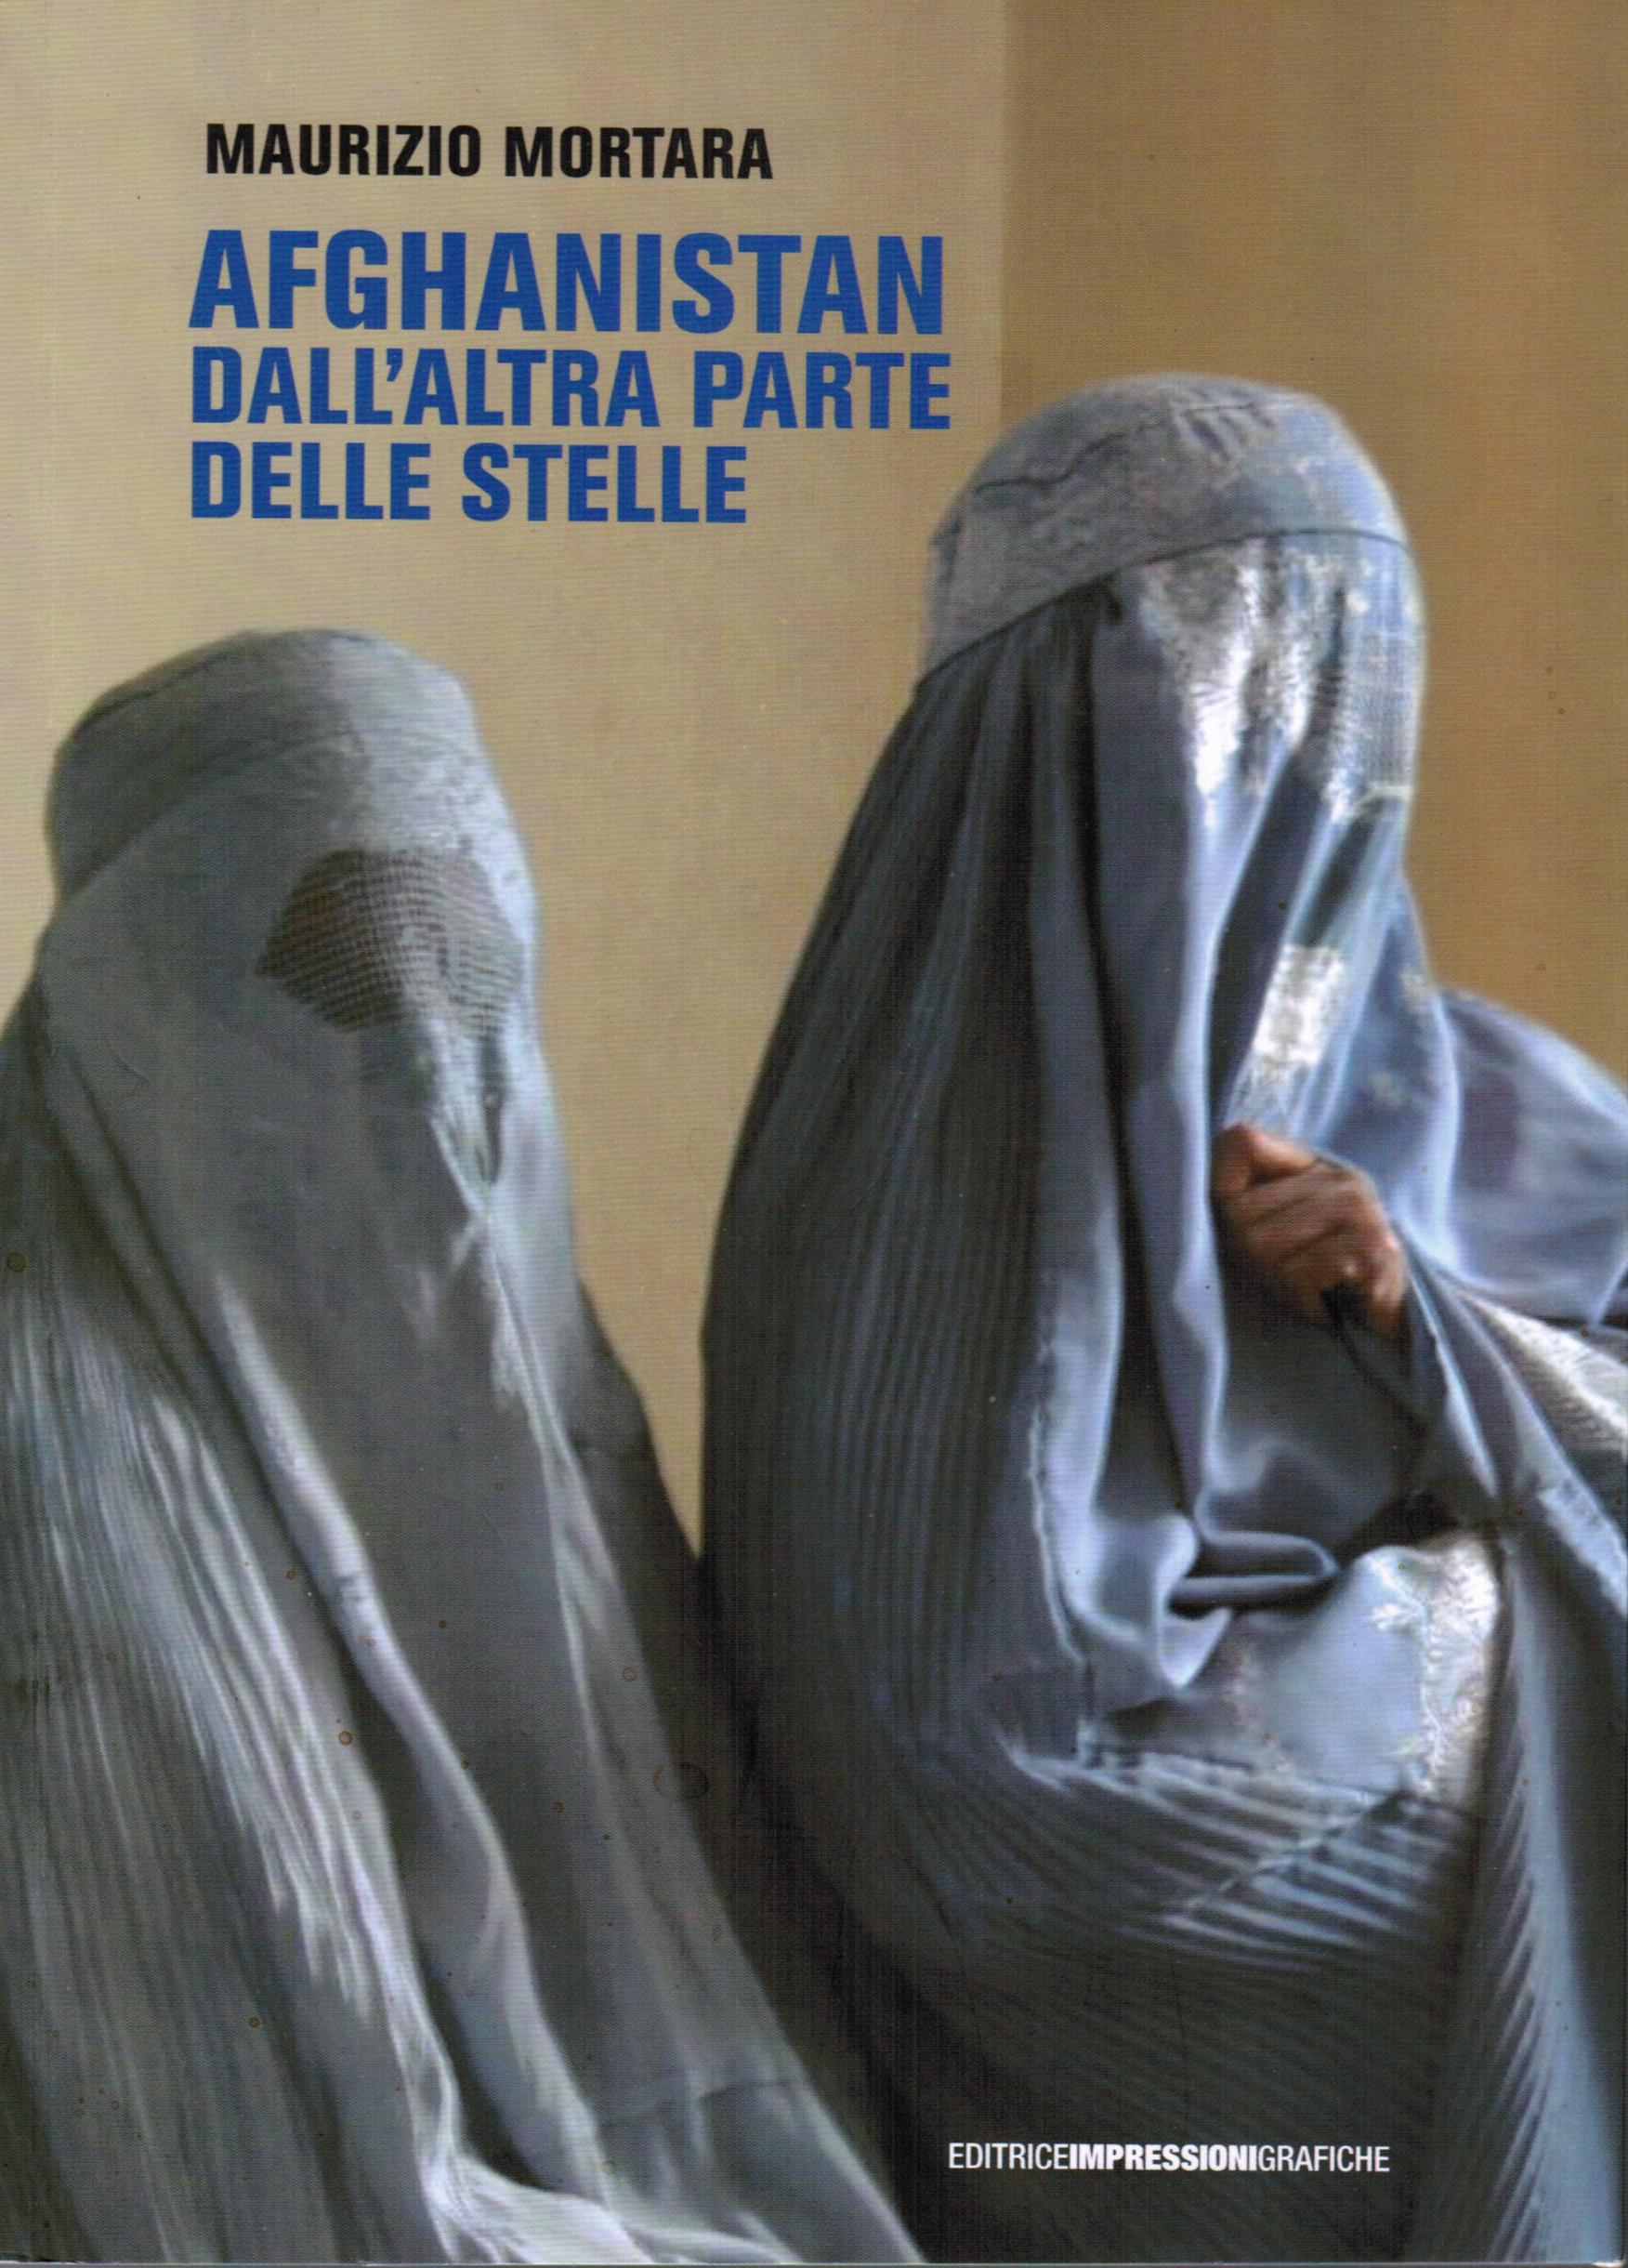 AFGHANISTAN DALL'ALTRA PARTE DELLE STELLE DI MAURIZIO MORTARA